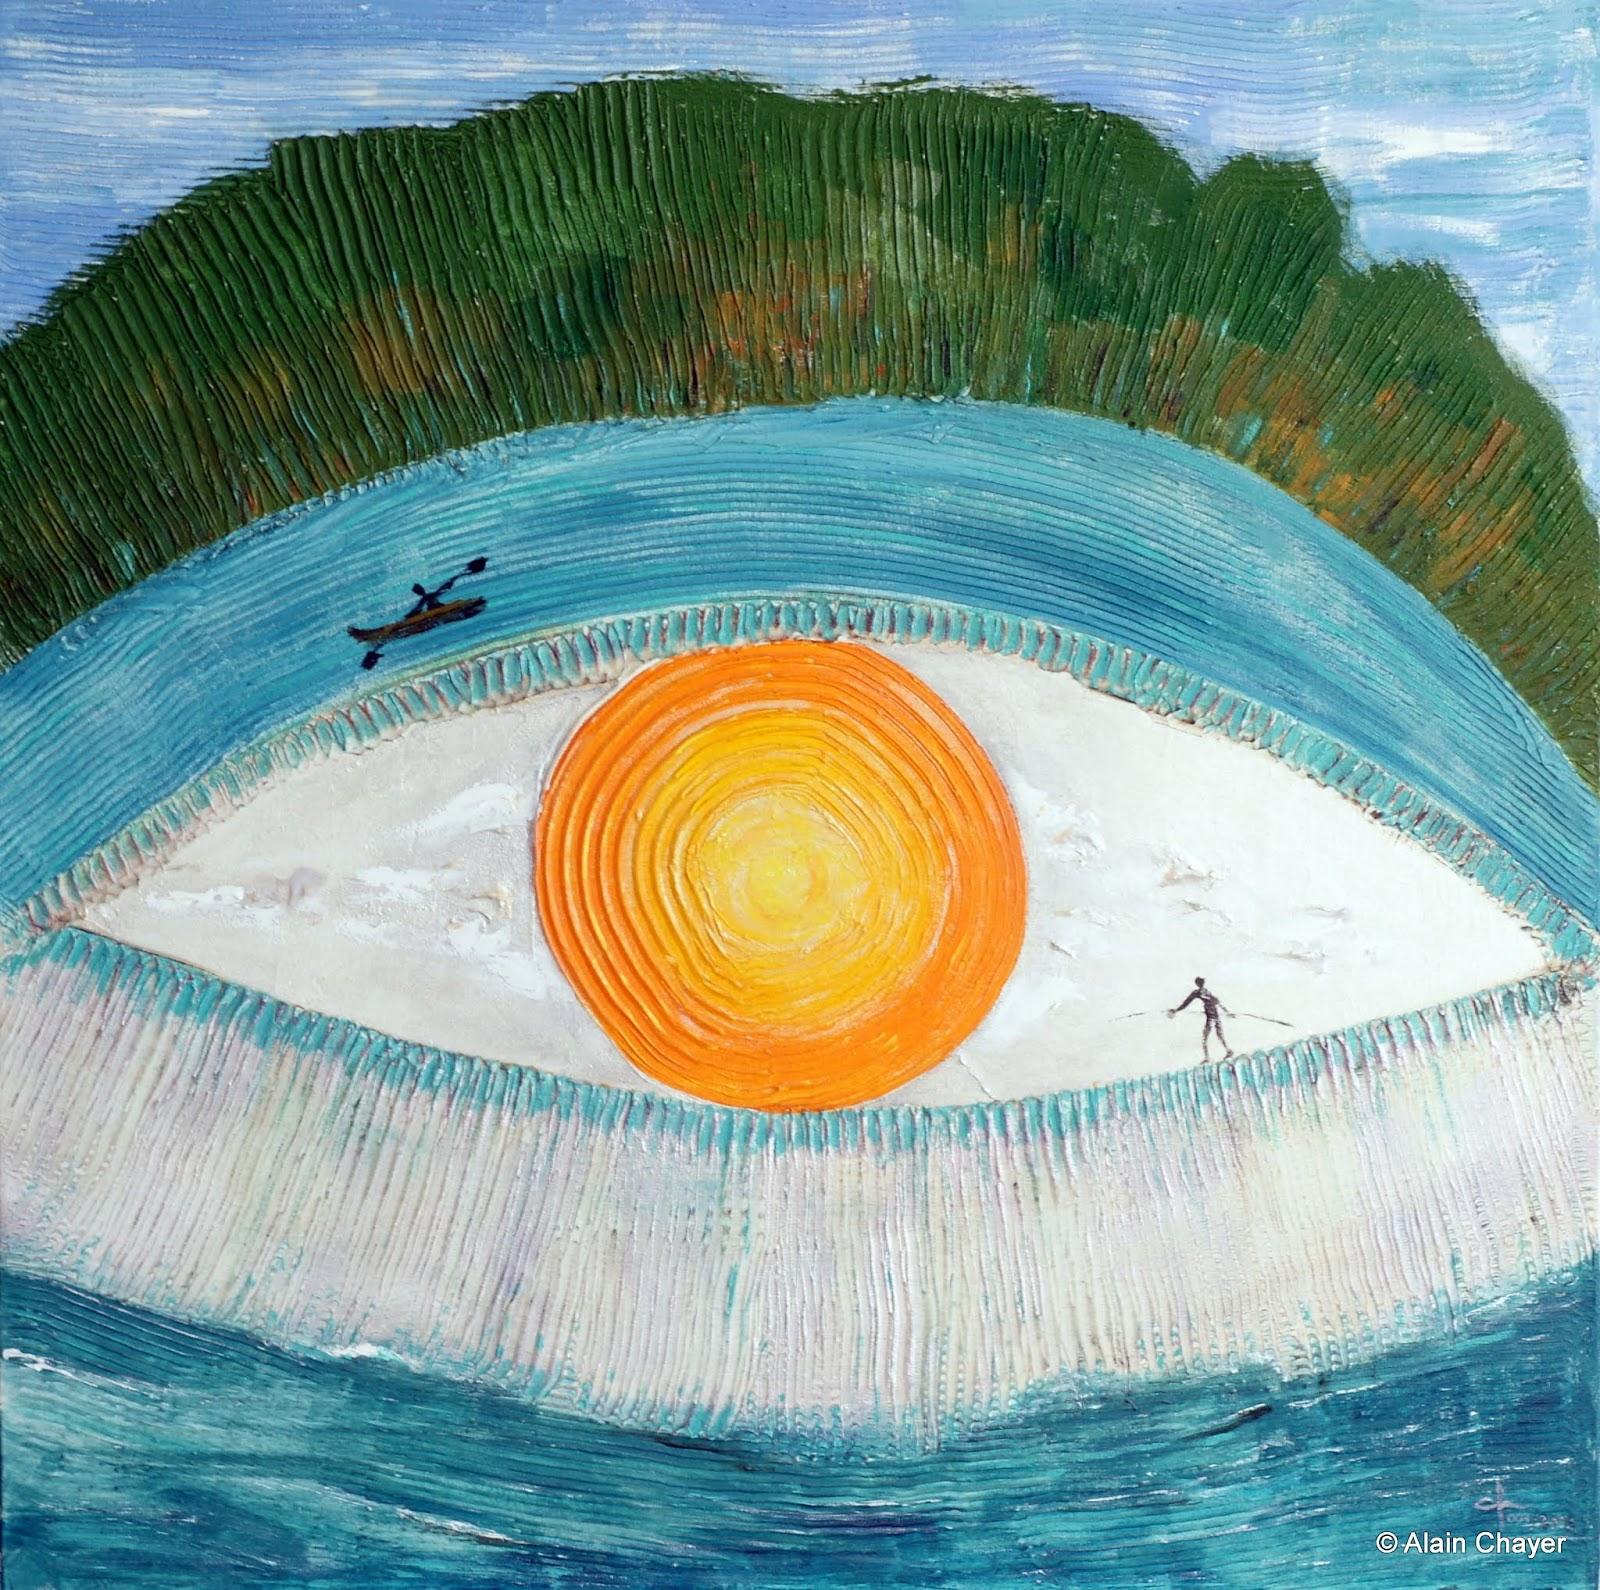 097 - Isola - 2003 80 x 80 - Acrylique sur toile